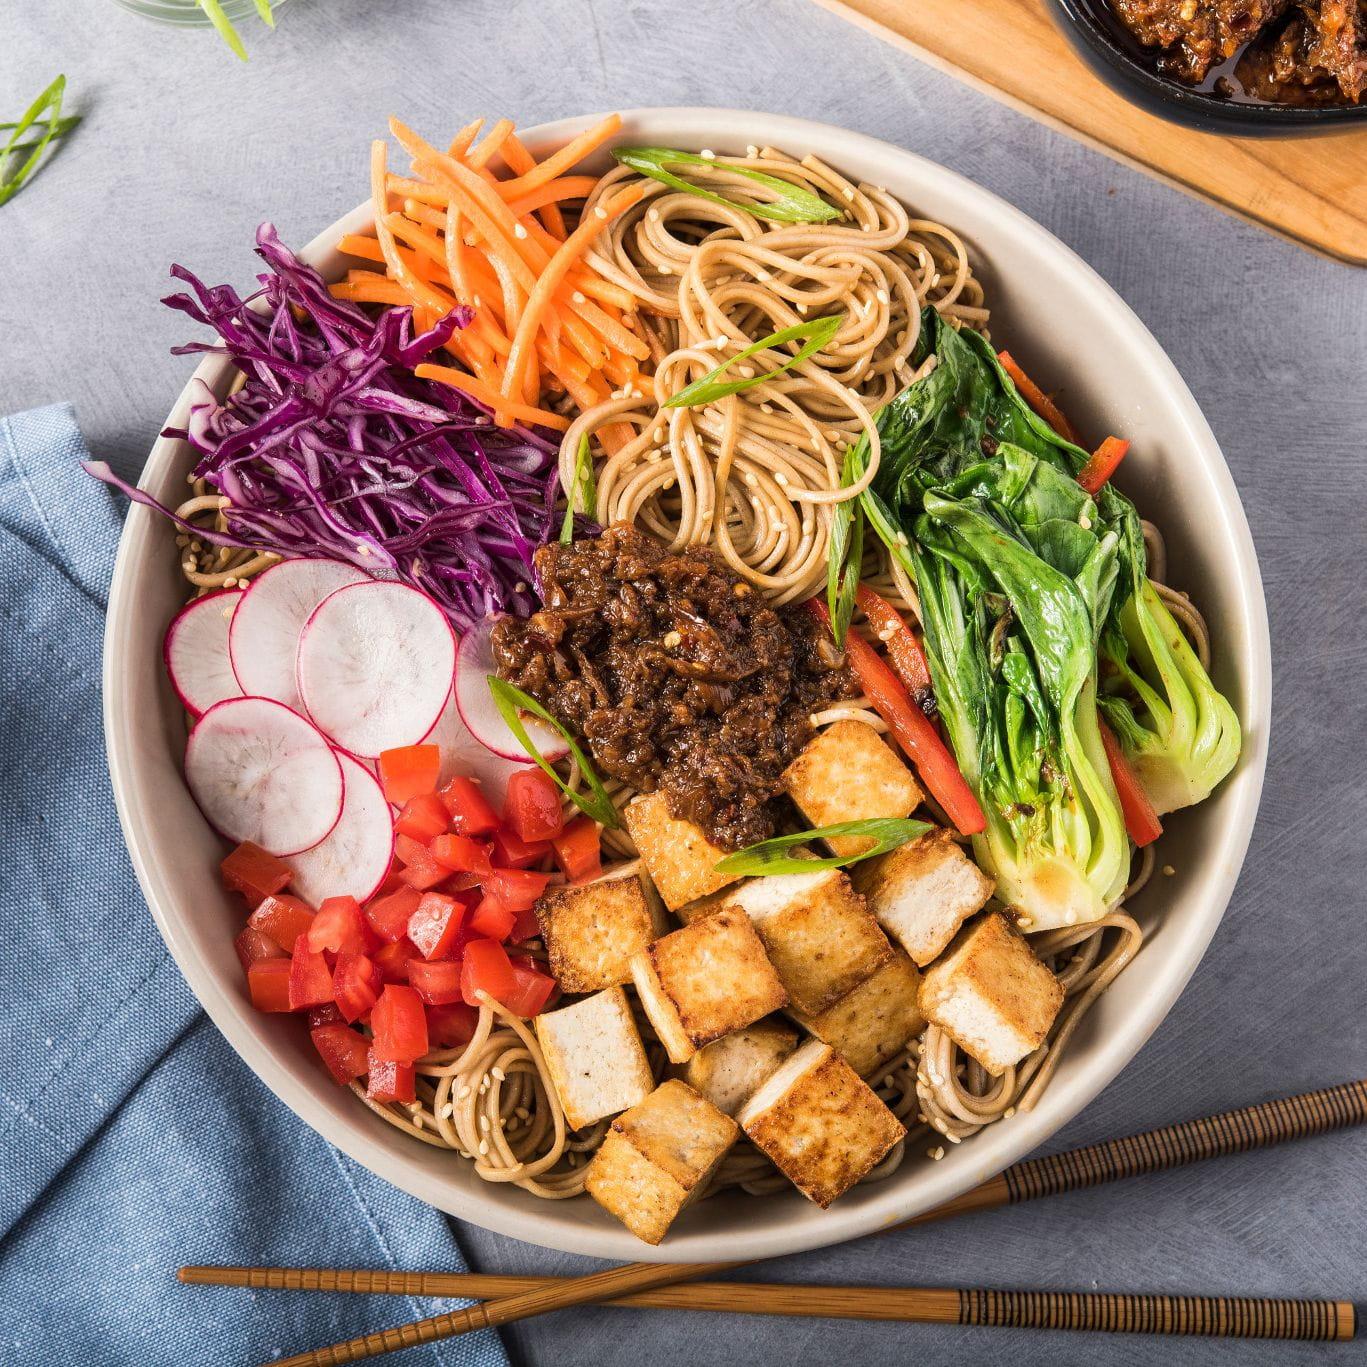 https://d1e3z2jco40k3v.cloudfront.net/-/media/foodservicefr/recettes/ff2020-q1/tofu-noodle-bowl-with-vegetarian-xo-sauce-800x800.jpg?rev=49a73625e37a4c7a89b57a045271b6f9&vd=20200611T222042Z&hash=47F8C437FC3292A03FD34E5A83EAC468